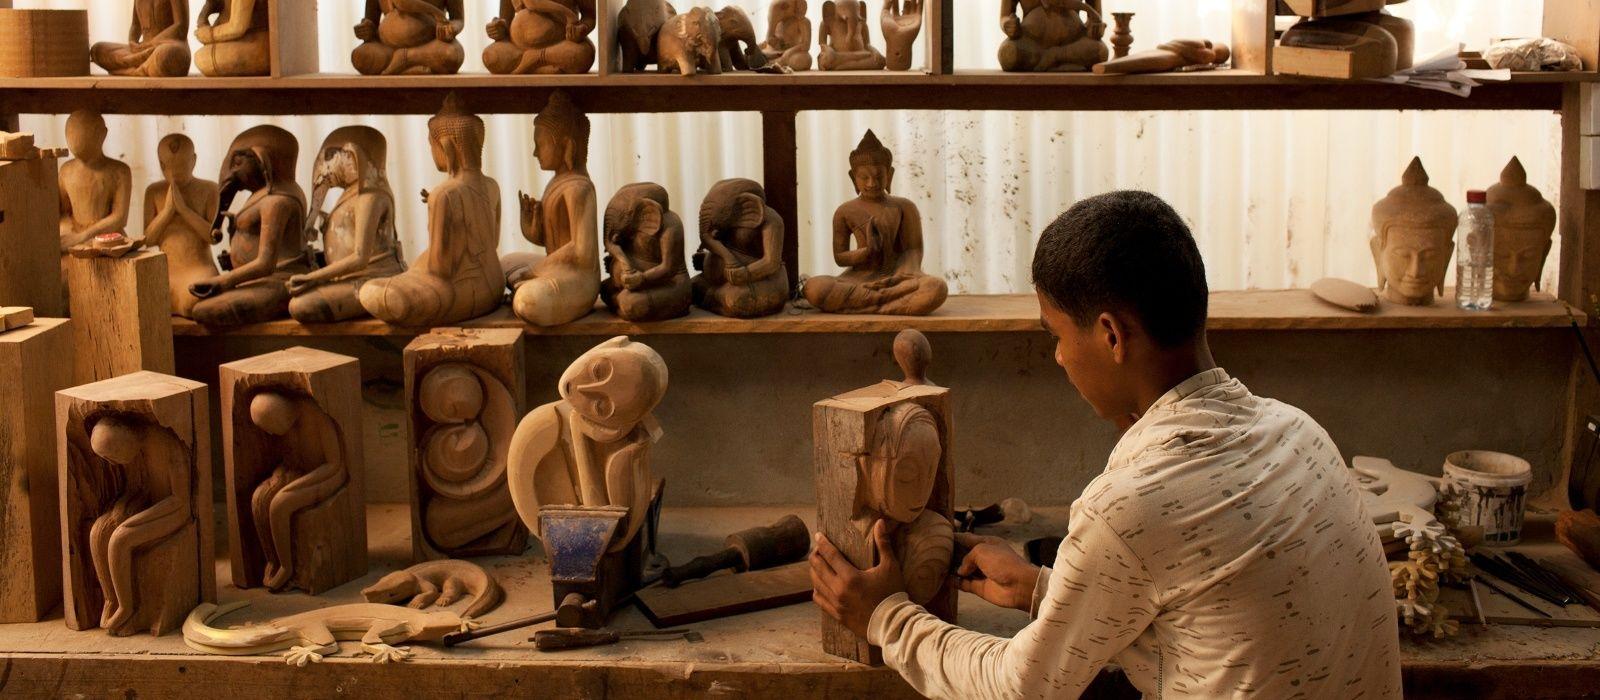 Kambodscha Kulturreise – Tempel, Geschichte und Strände Urlaub 4